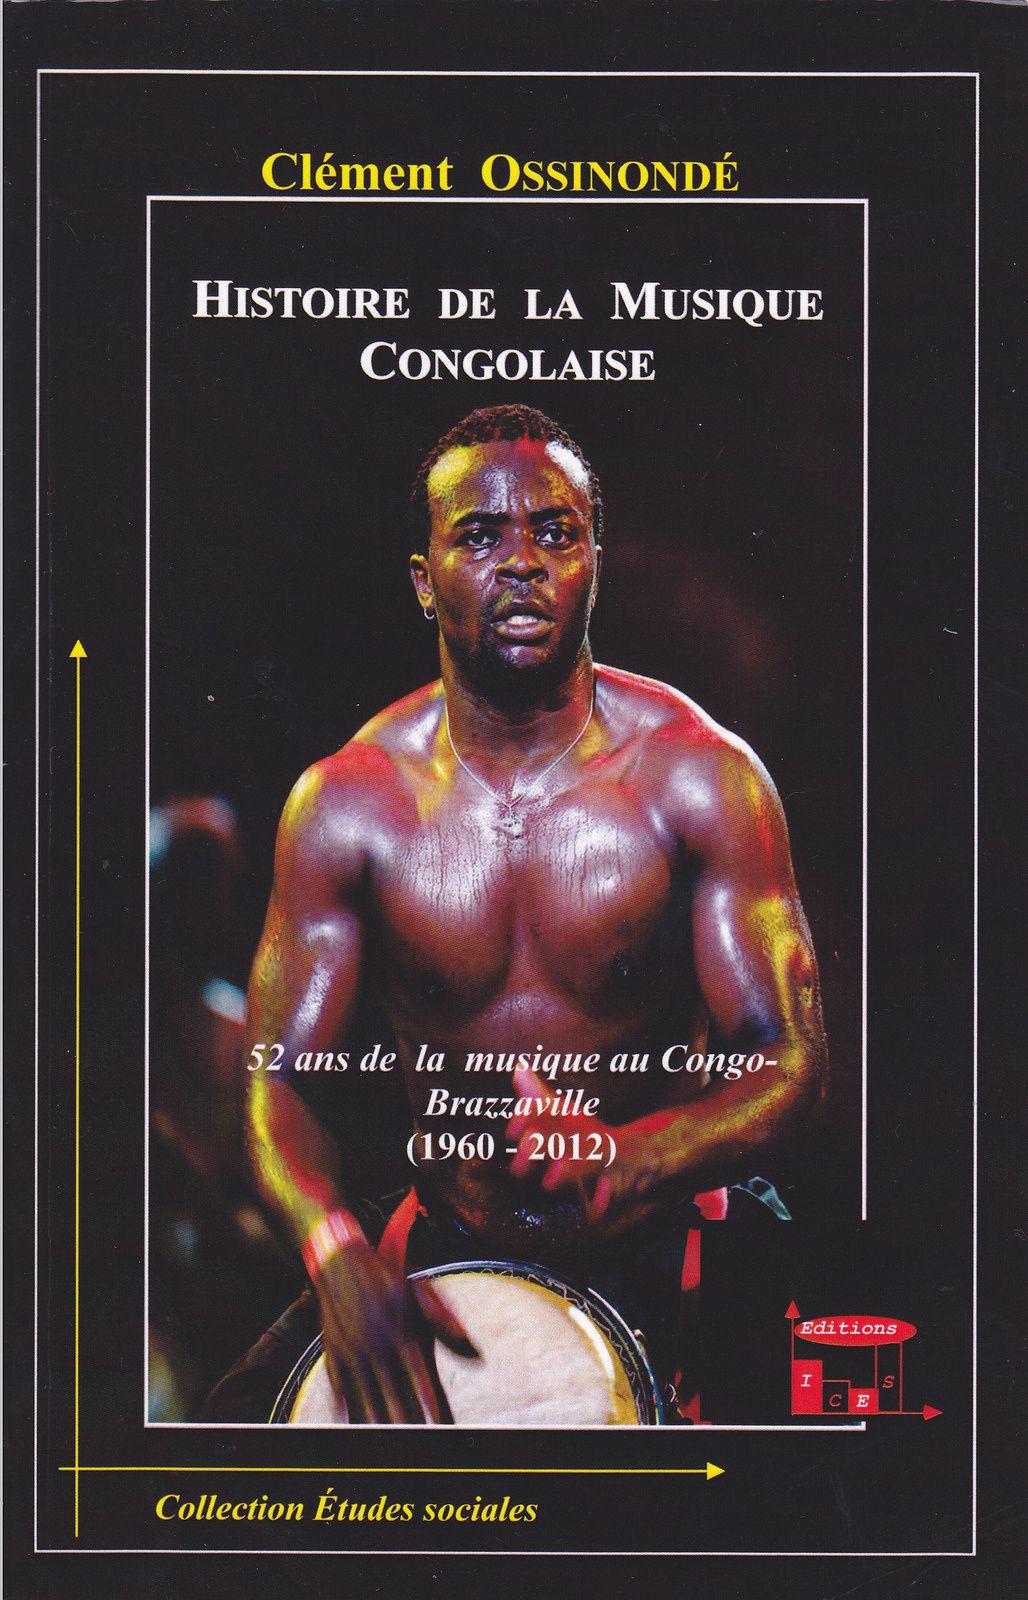 Histoire de la musique congolaise, par Clément Ossinonde